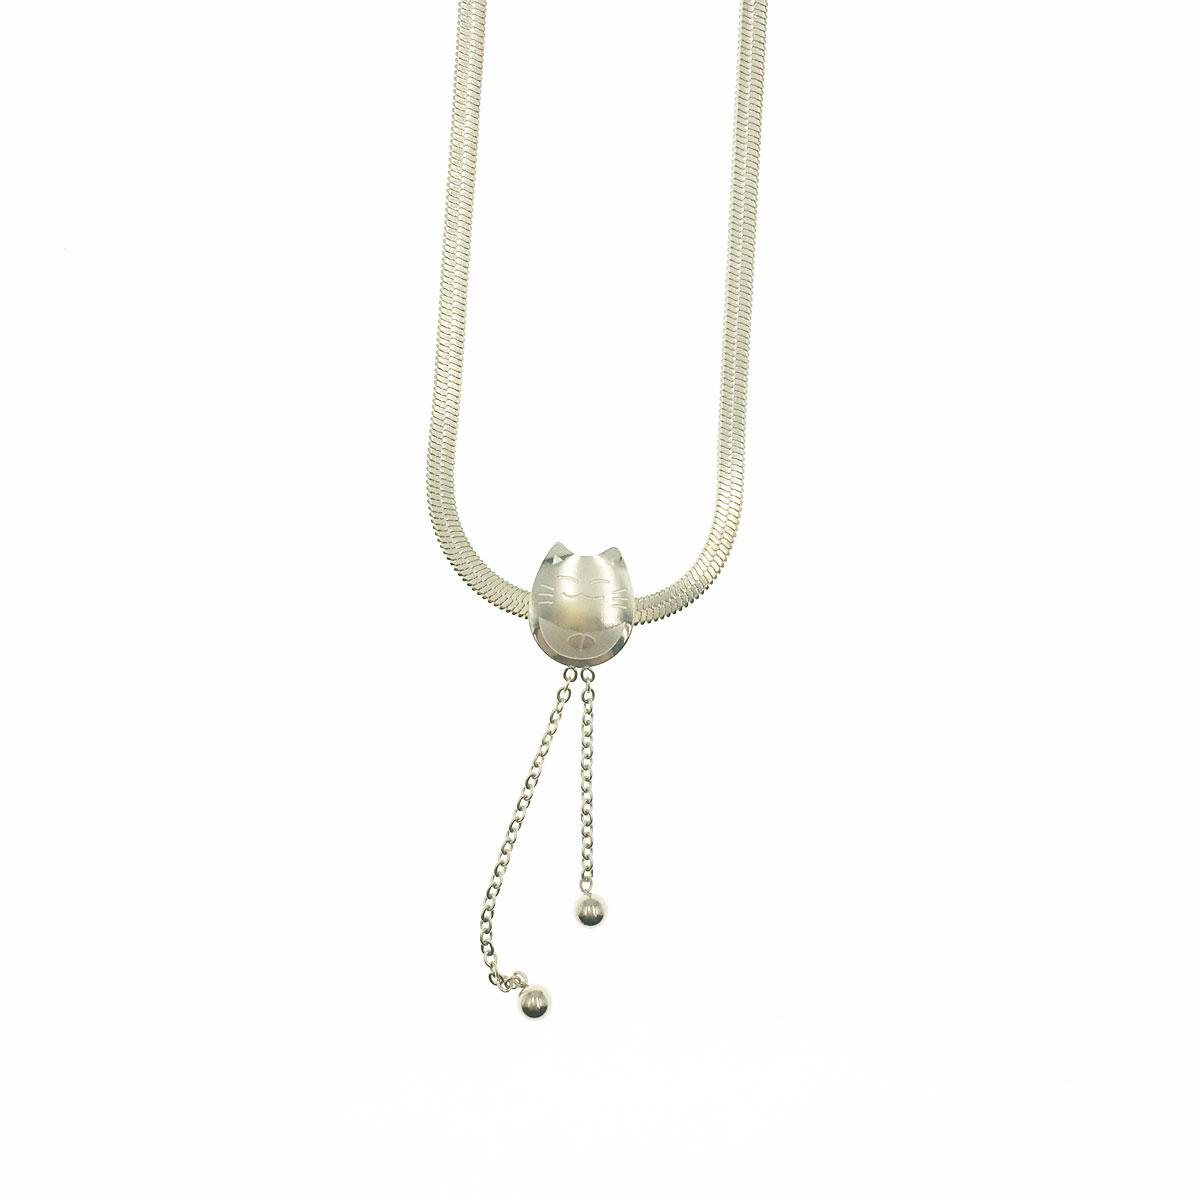 韓國 不銹鋼 金屬球 貓咪 垂墜 鎖骨鍊 短鍊 項鍊